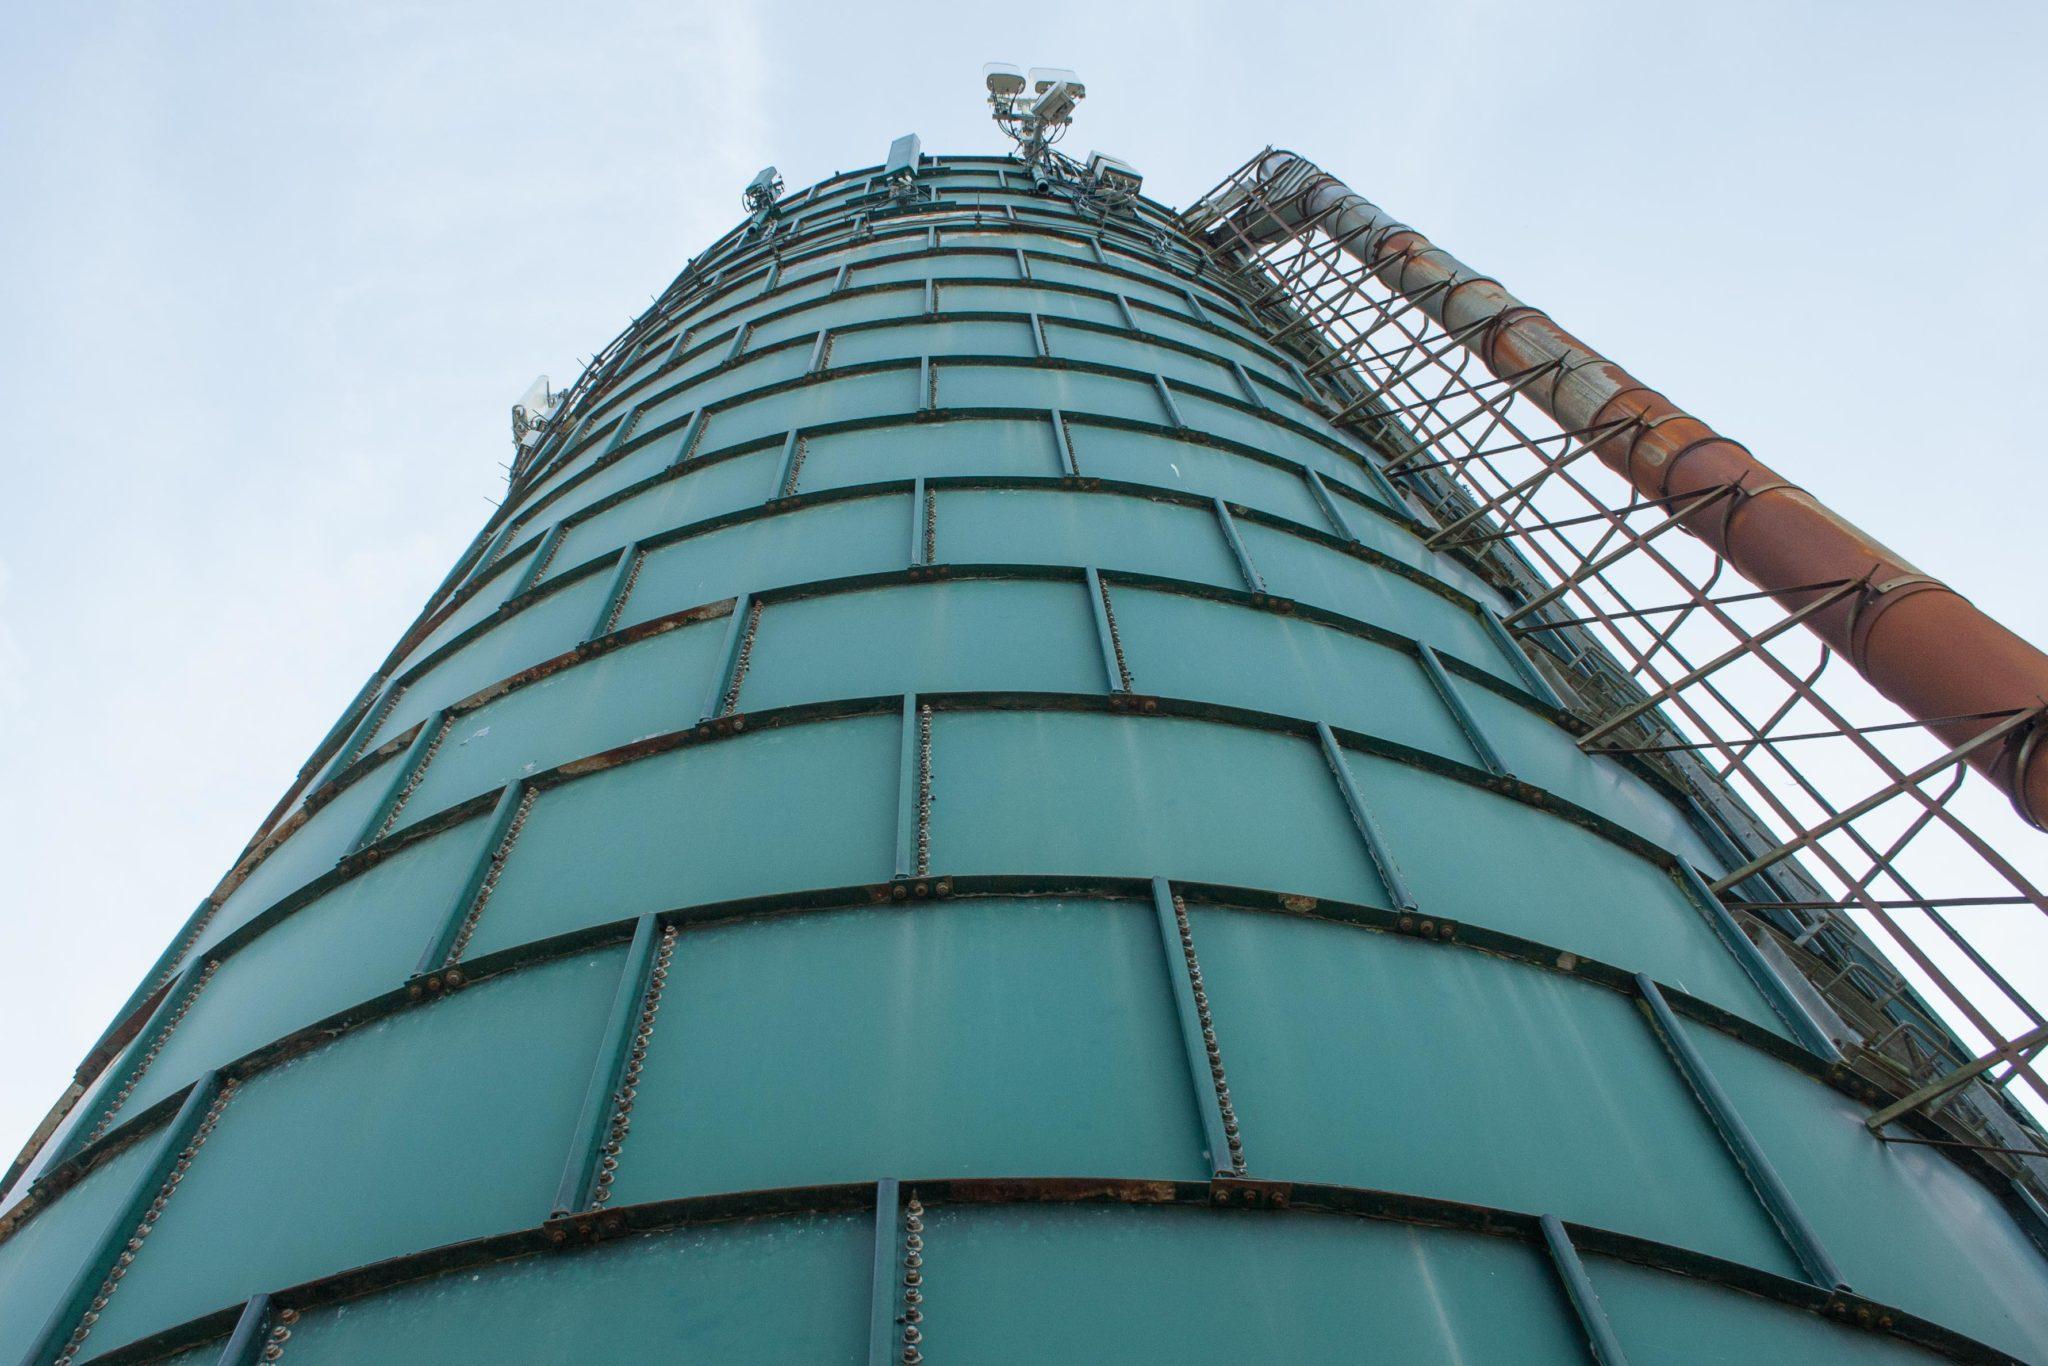 Groene toren of silo in de buurt van Bleiswijk